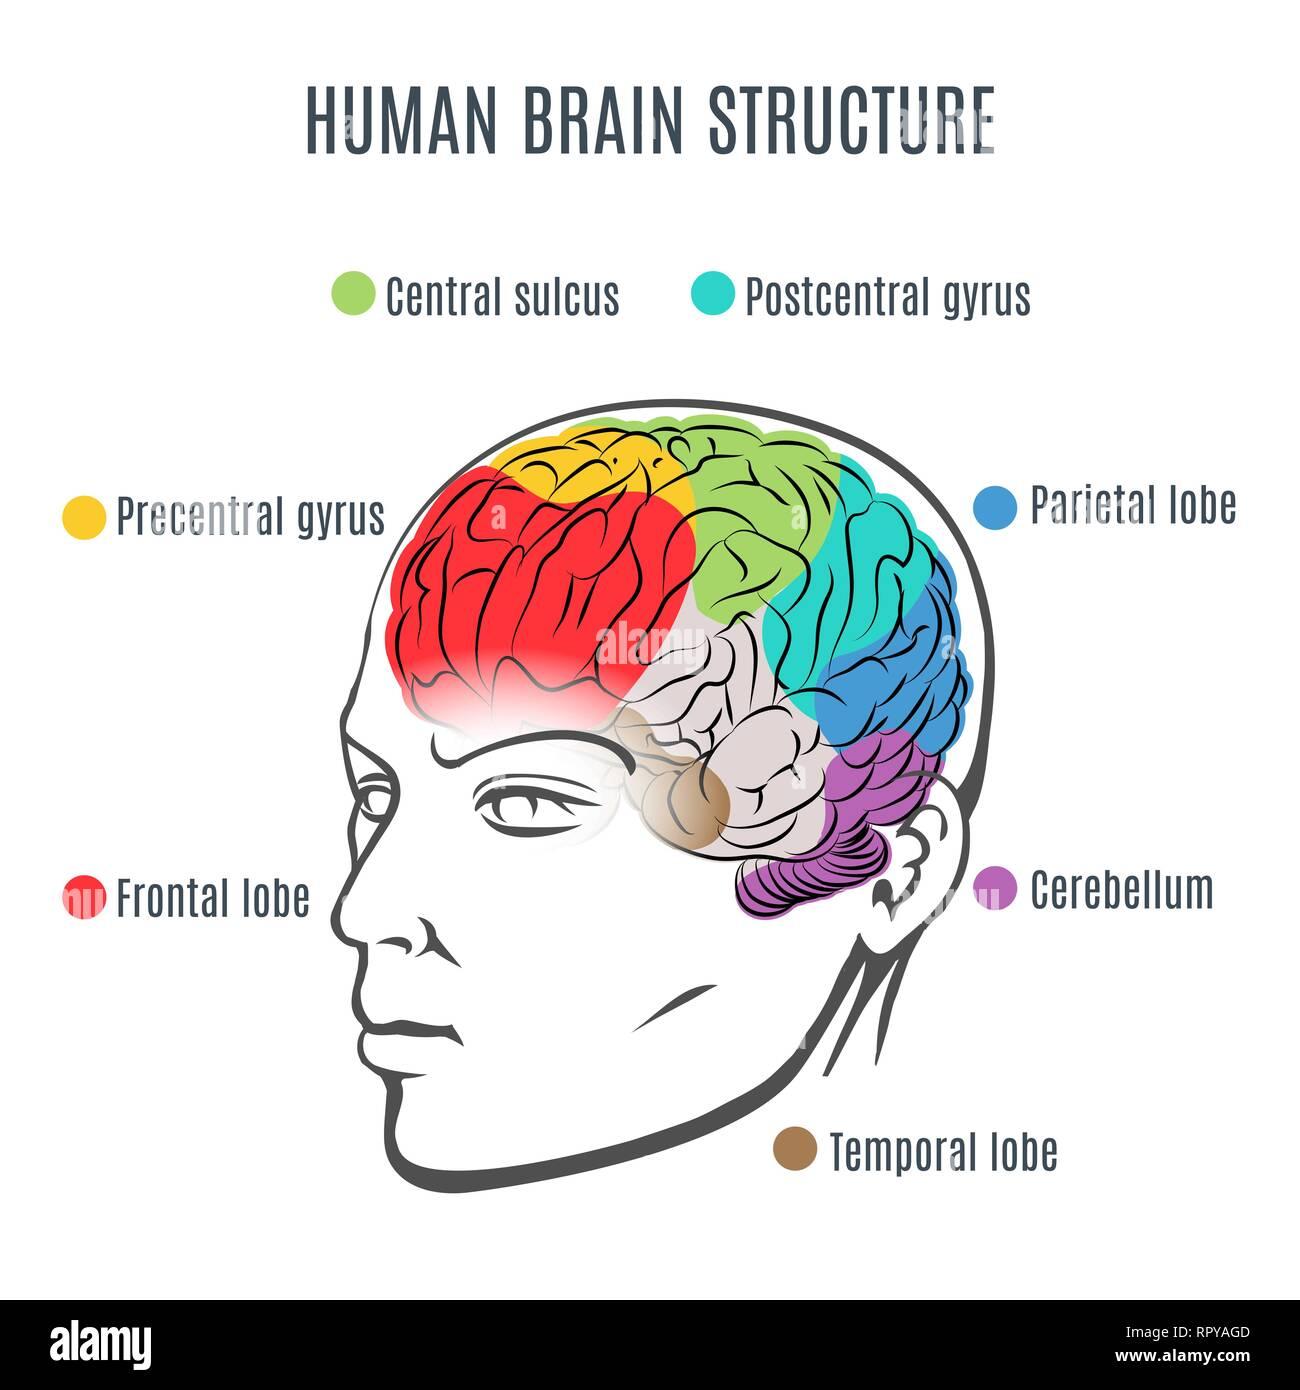 Struktur des menschlichen Gehirns. Menschlichen Kopf mit Gehirn innen. Menschliche Gehirn Hauptteile. Vector Illustration. Stock Vektor